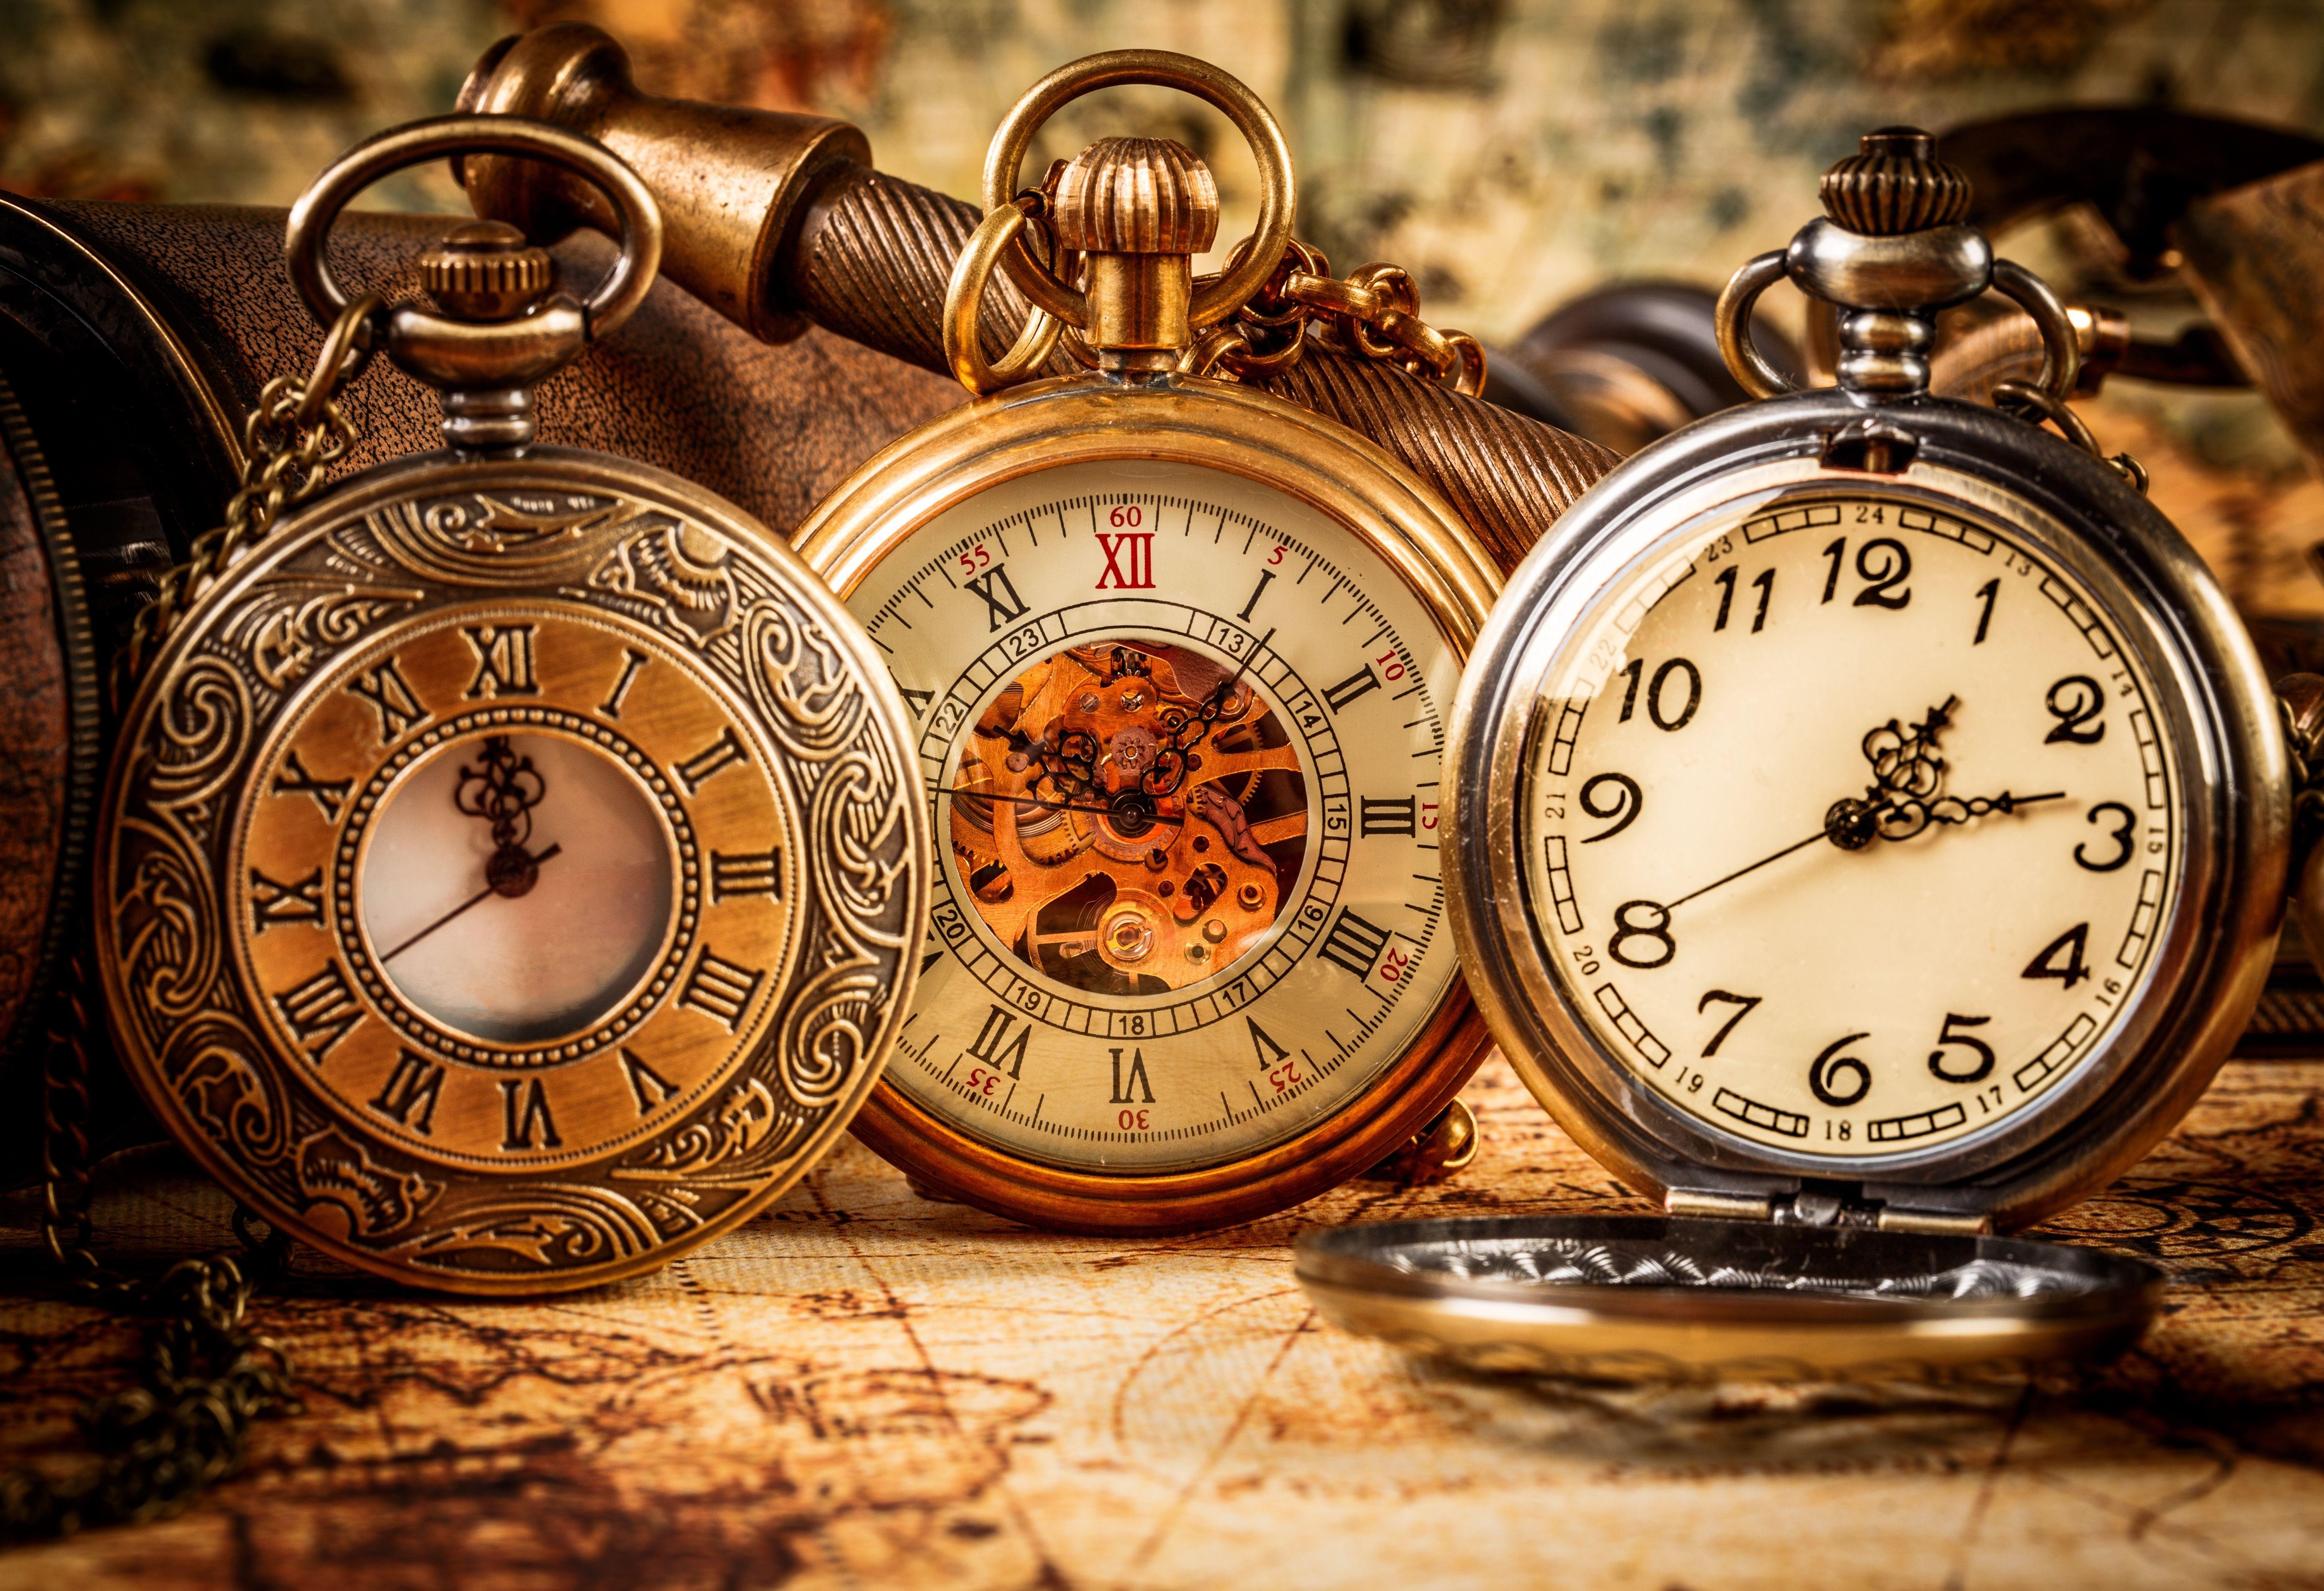 соловей говорит картинки известных часов ход происходит пасху